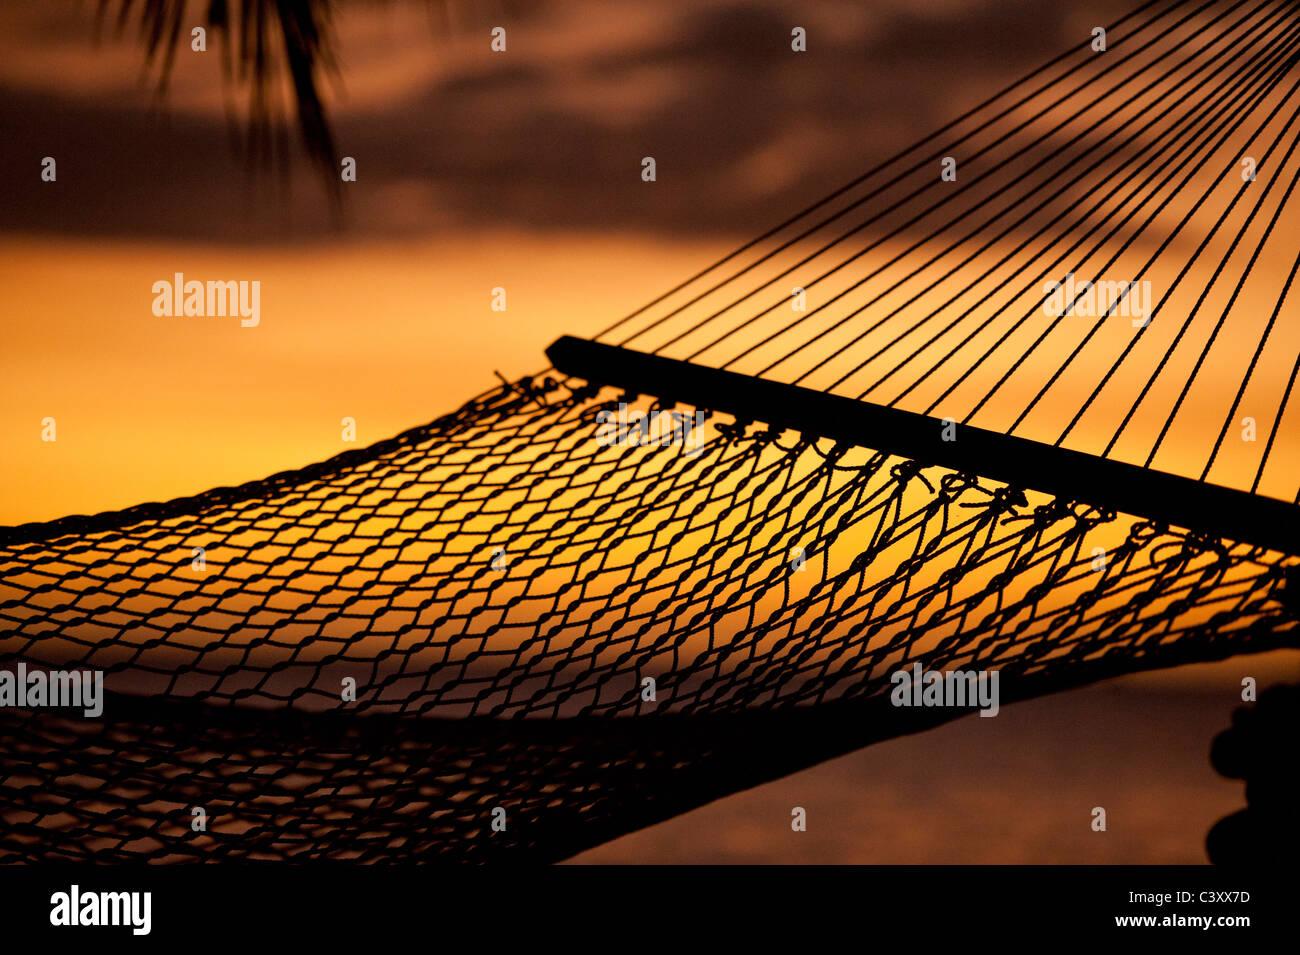 silouhette of hammock on beach overlooking ocean at sunset - Stock Image